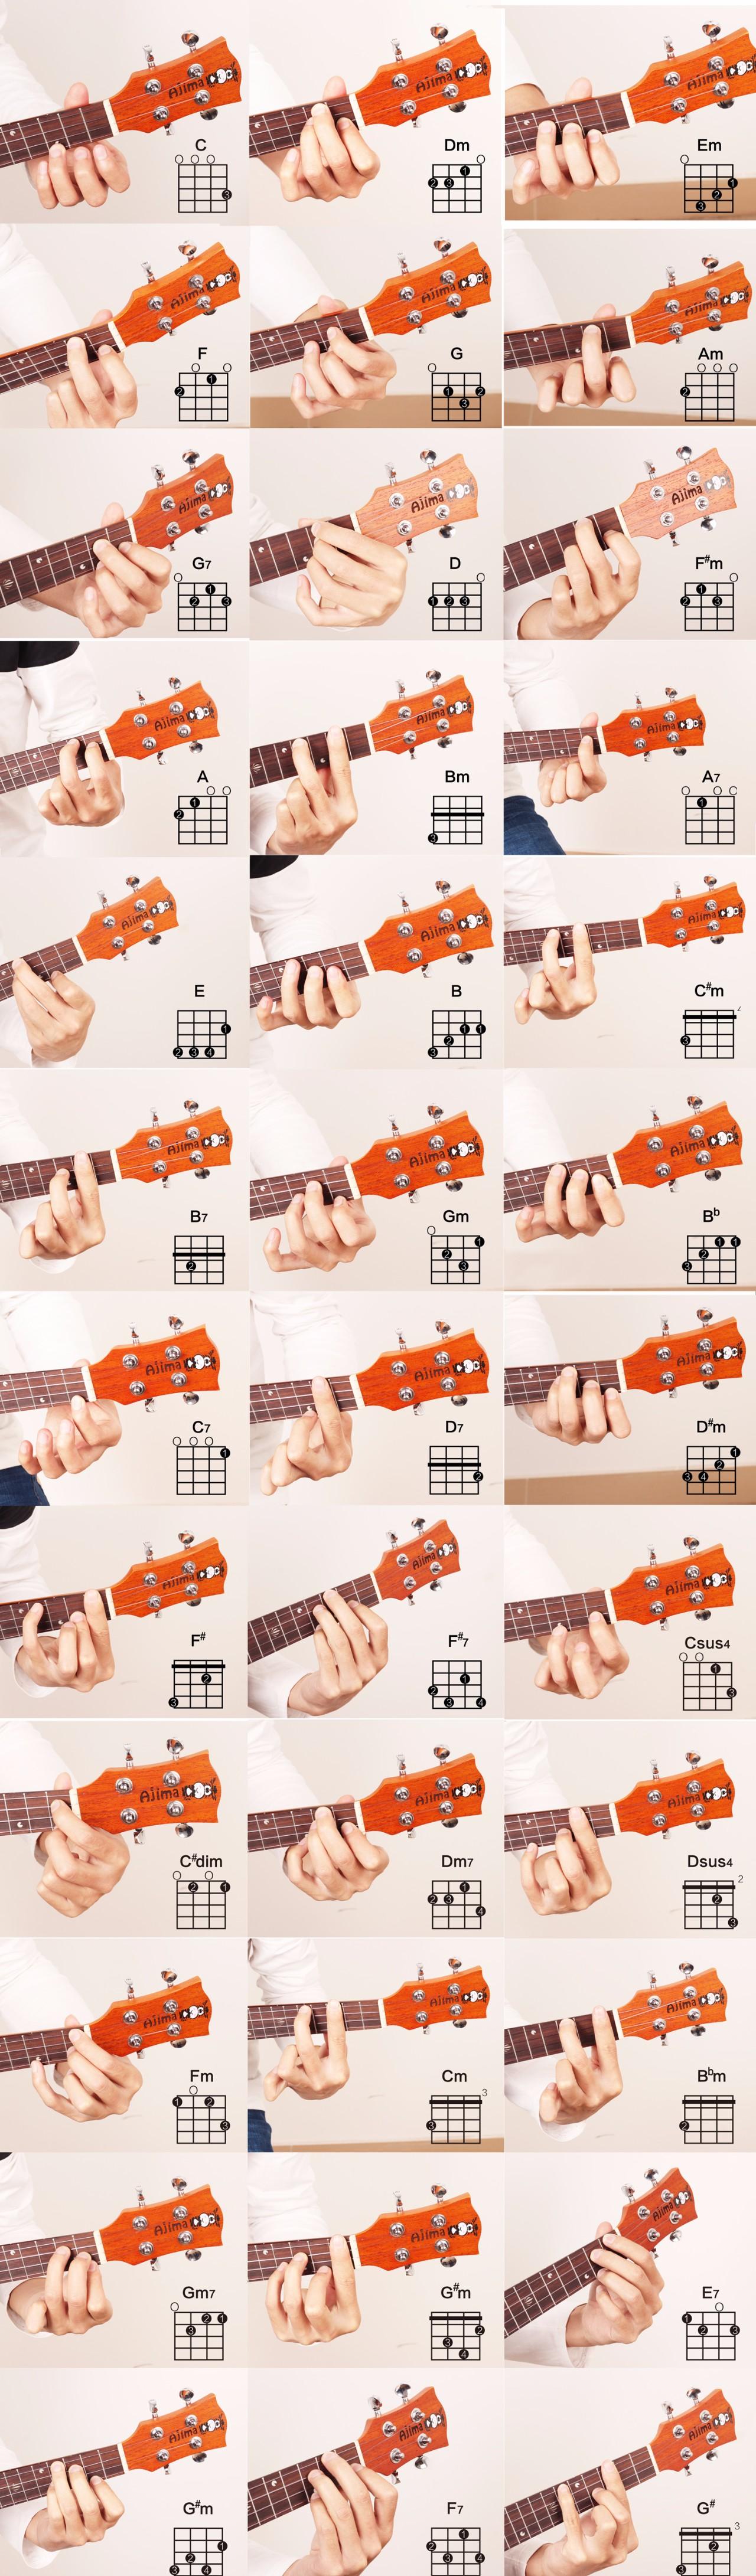 和弦的按法